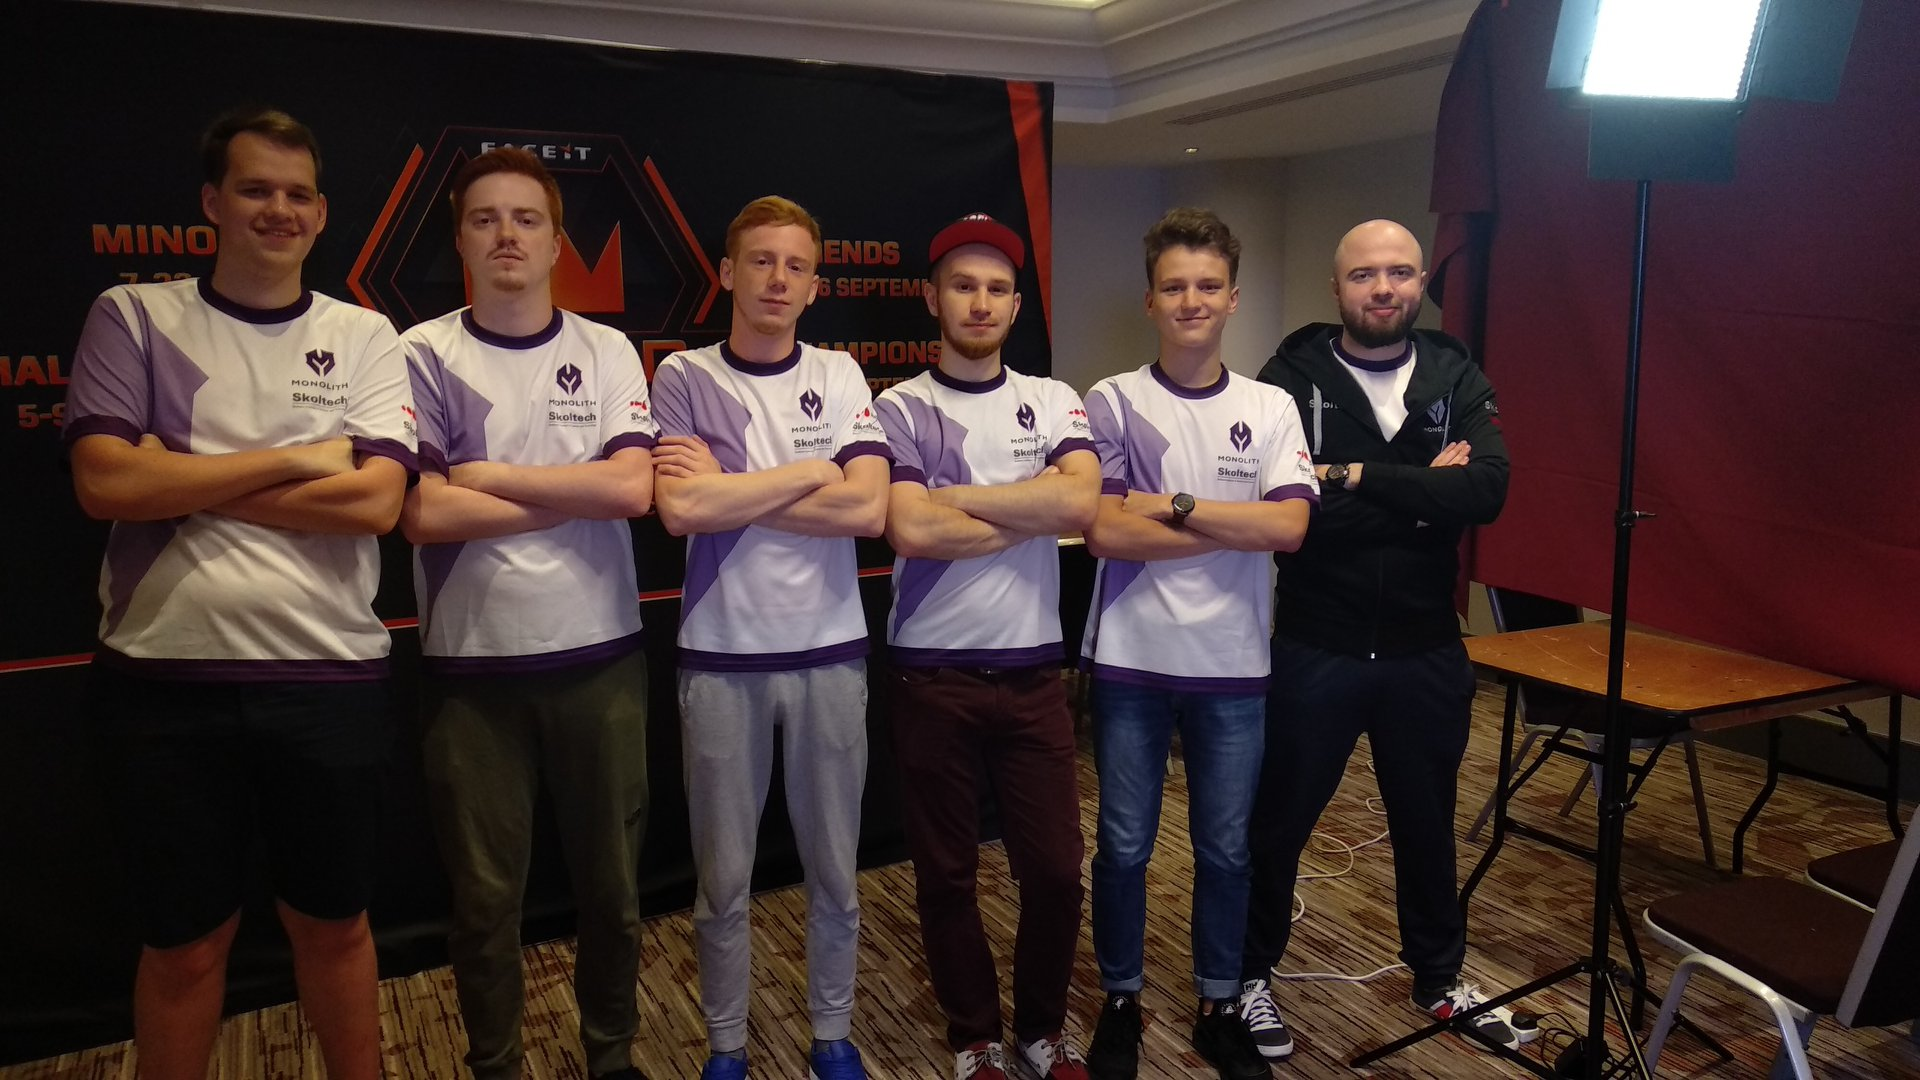 """From left to right: Alexey """"Nickelback"""" Trofimov, Alexander """"spiker"""" Ivanov, Dmitry """"propleh"""" Senigov, Alexey """"ub1que"""" Polivanov,Mareks """"Yekindar"""" Galinskis, and coach Rustam """"TsaGa"""" Tsagolov."""